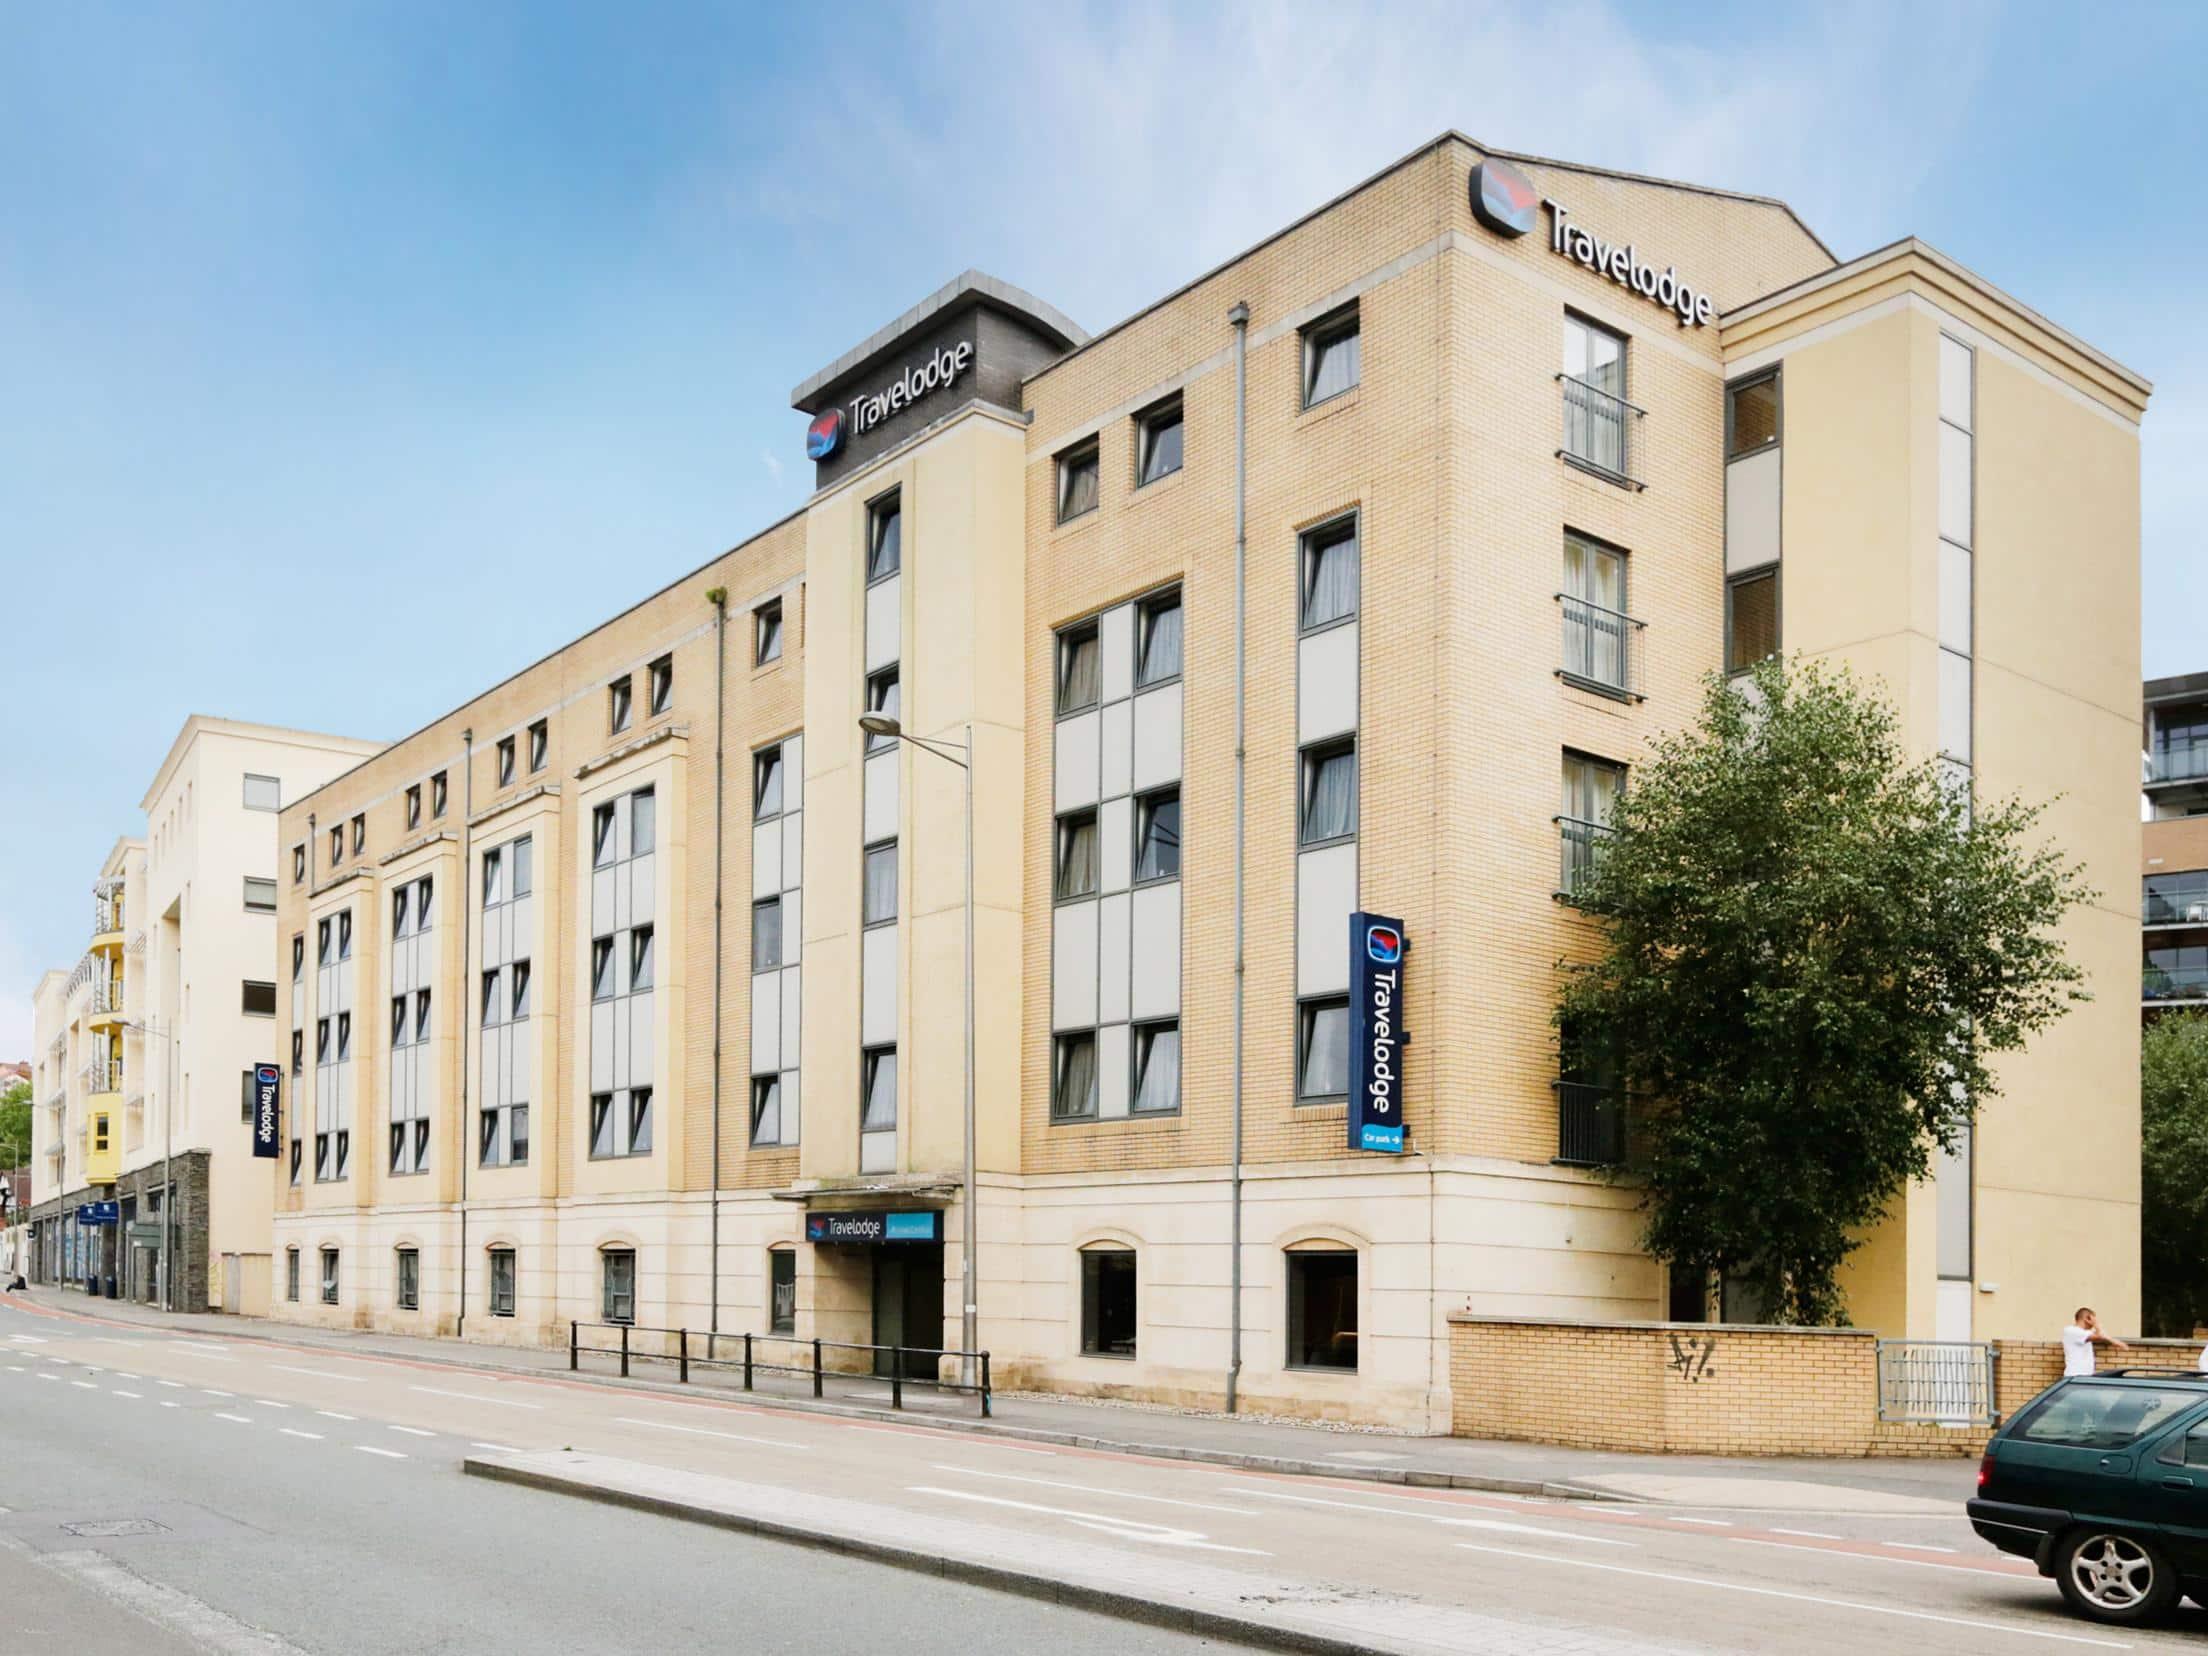 Bristol Central - Exterior